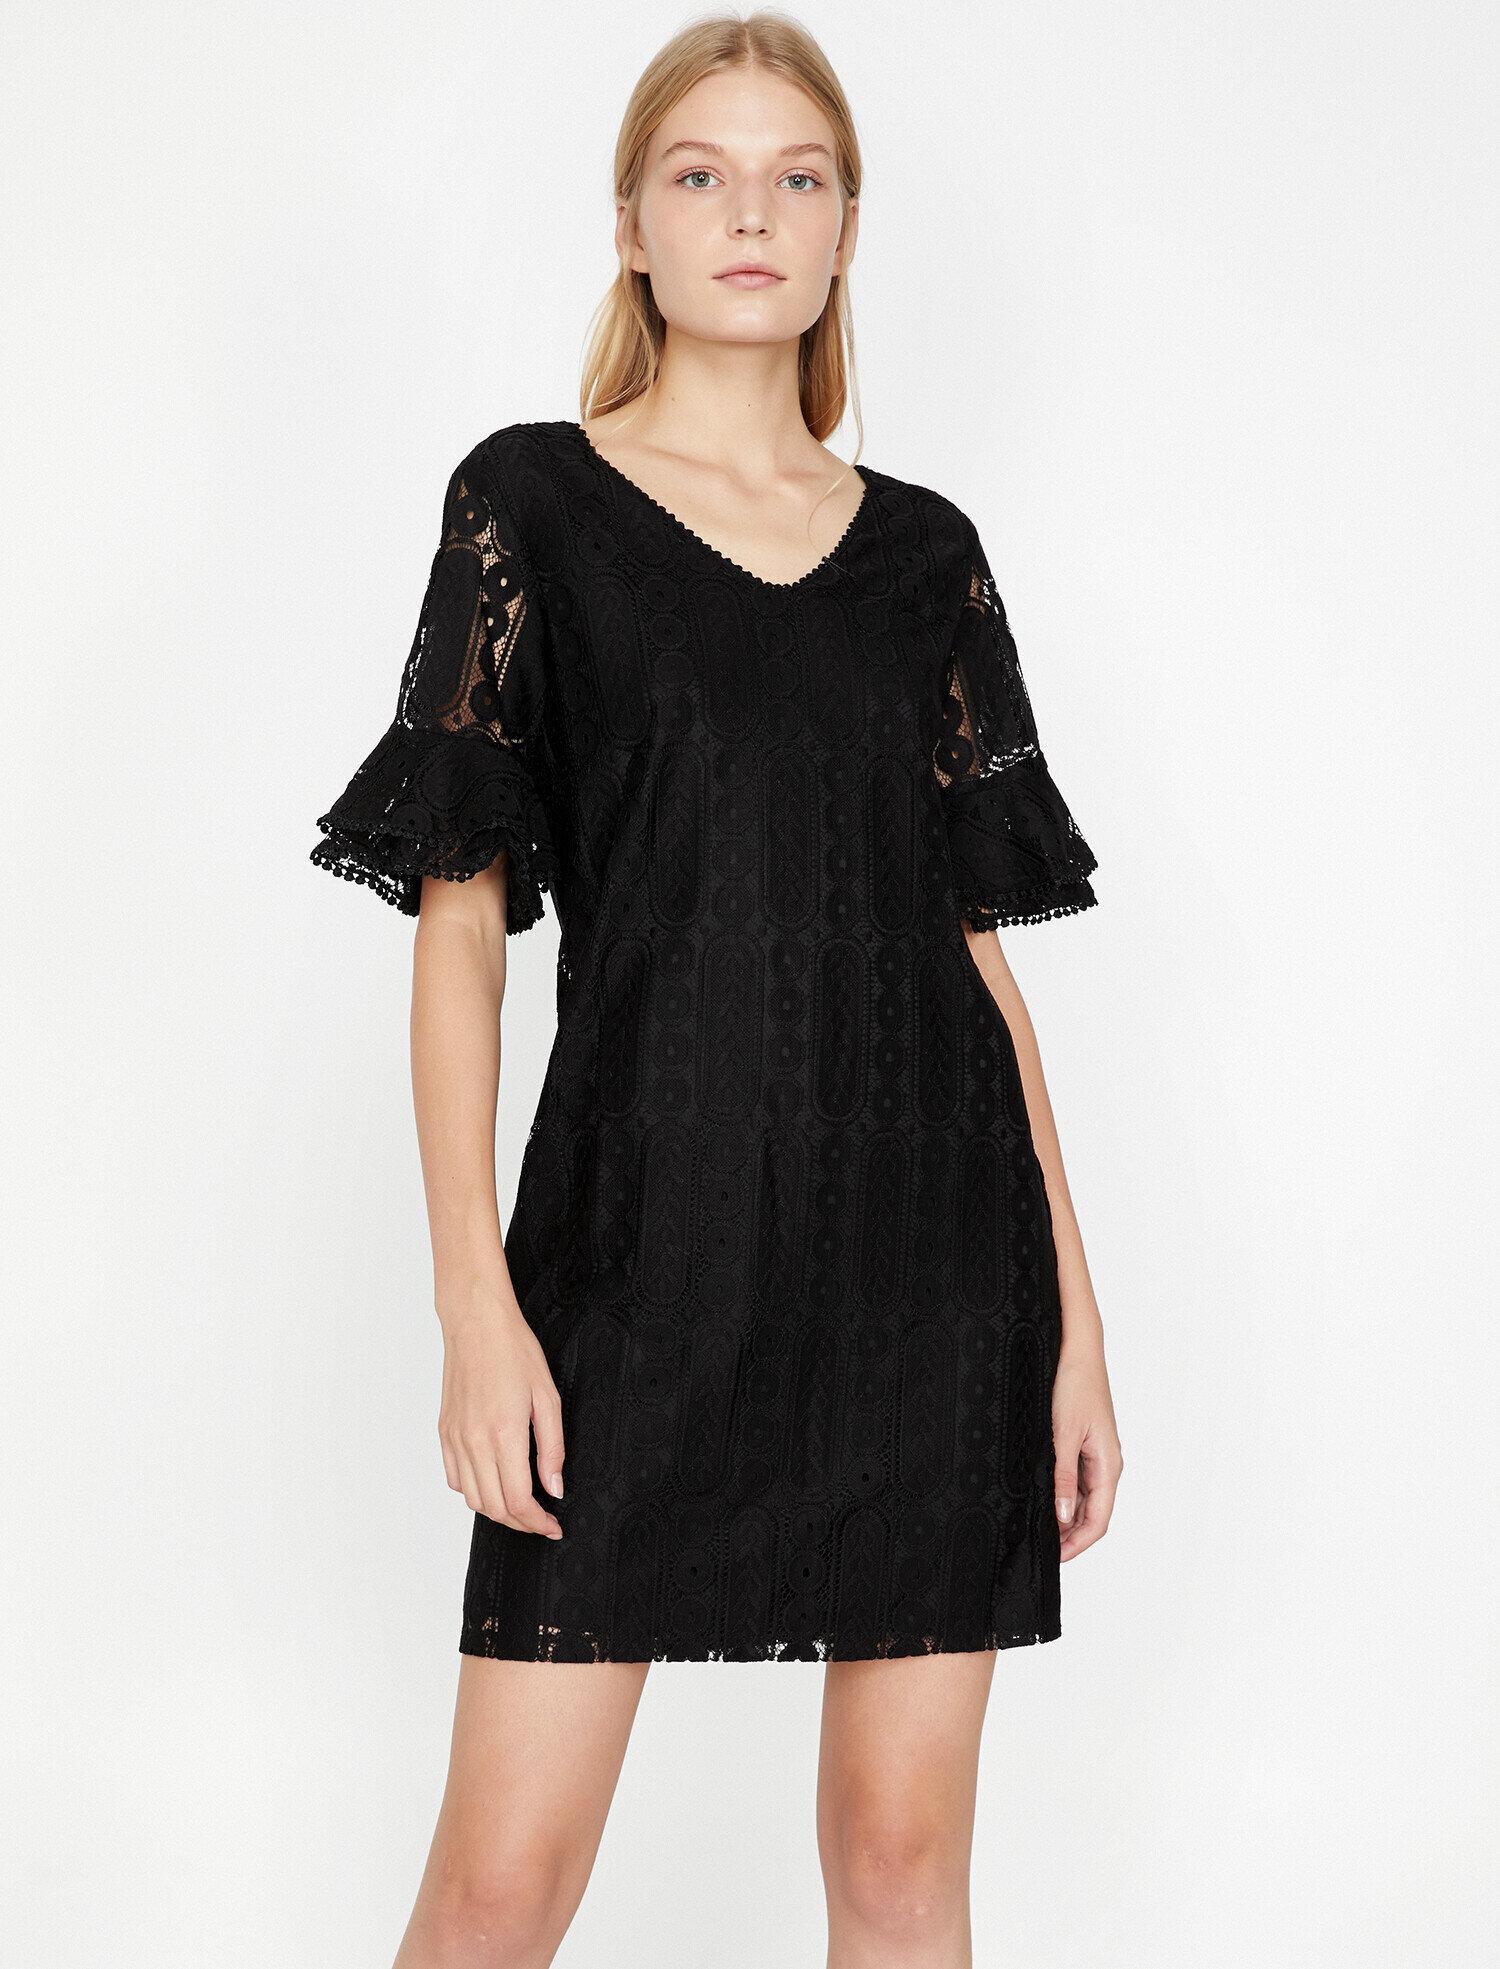 7c30becb7af6d Siyah Bayan Dantel Detaylı Elbise 9KAK83502EK999 | Koton